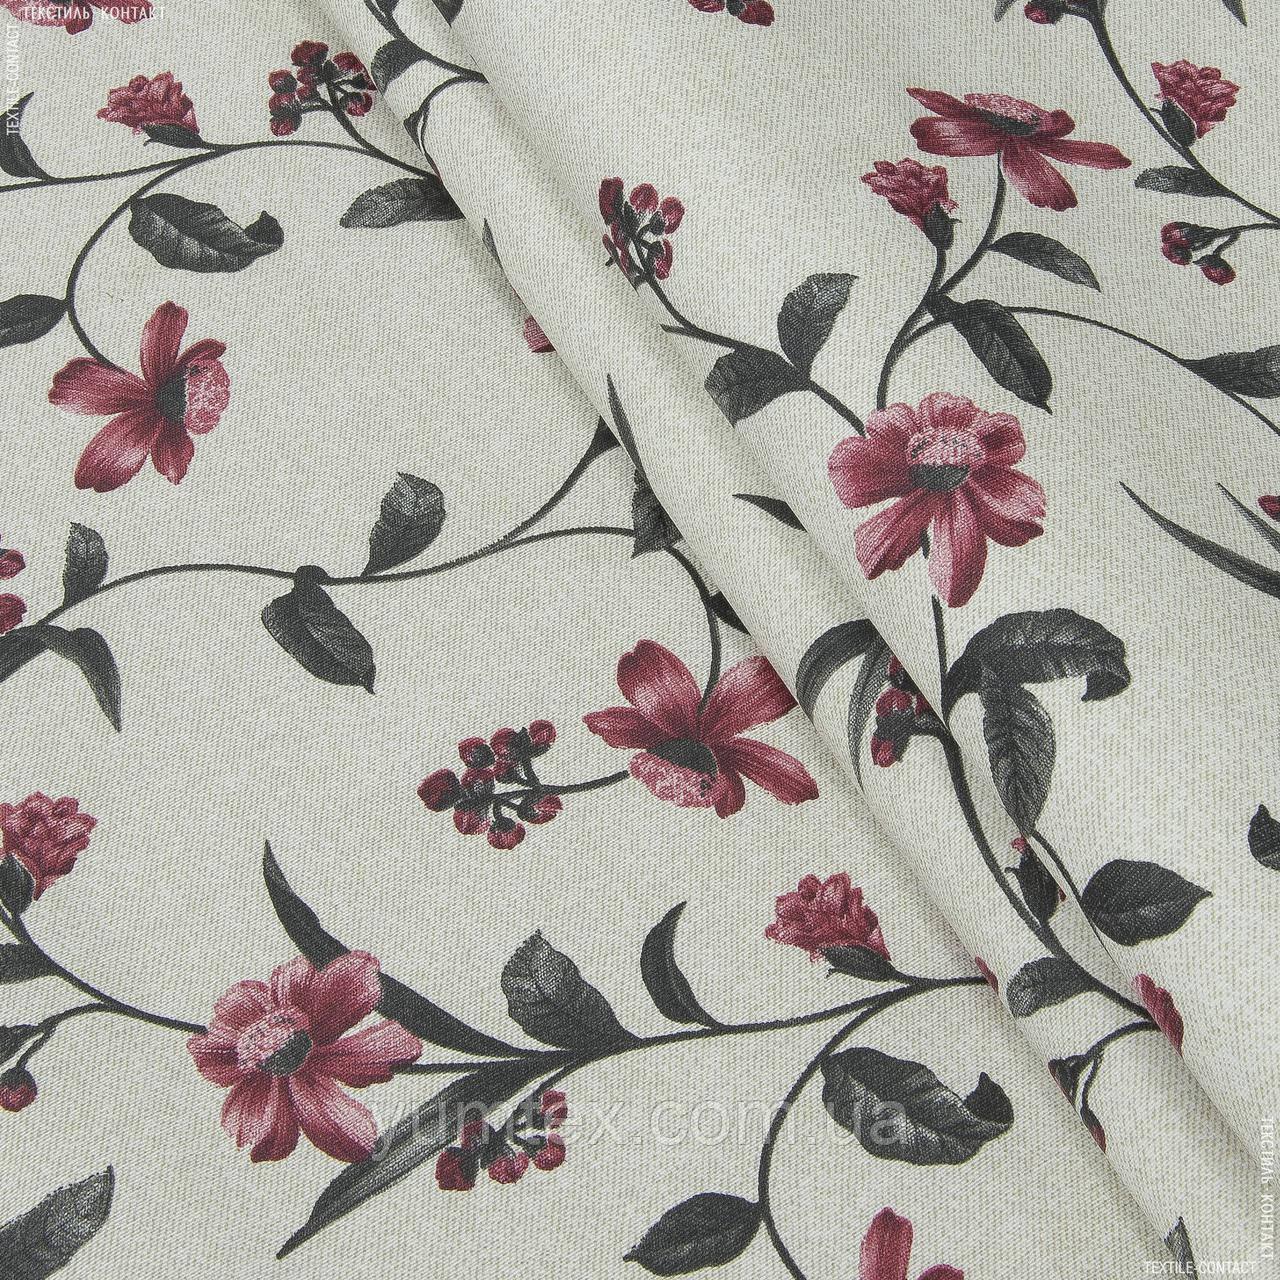 Тканина з акриловою грунтовкою квіткова в'язь, т. сірий,бордо 142744